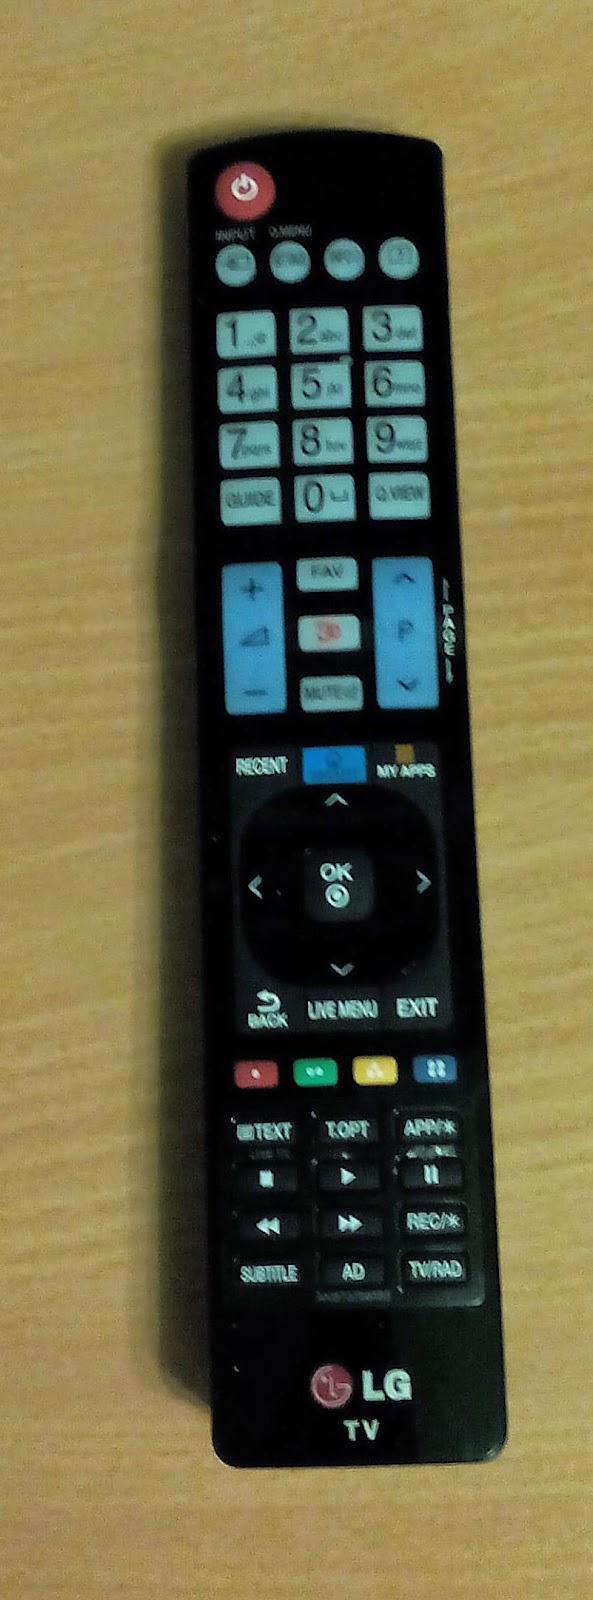 Пульт дистанционного управления лоя Телевизор LG 32LB650V